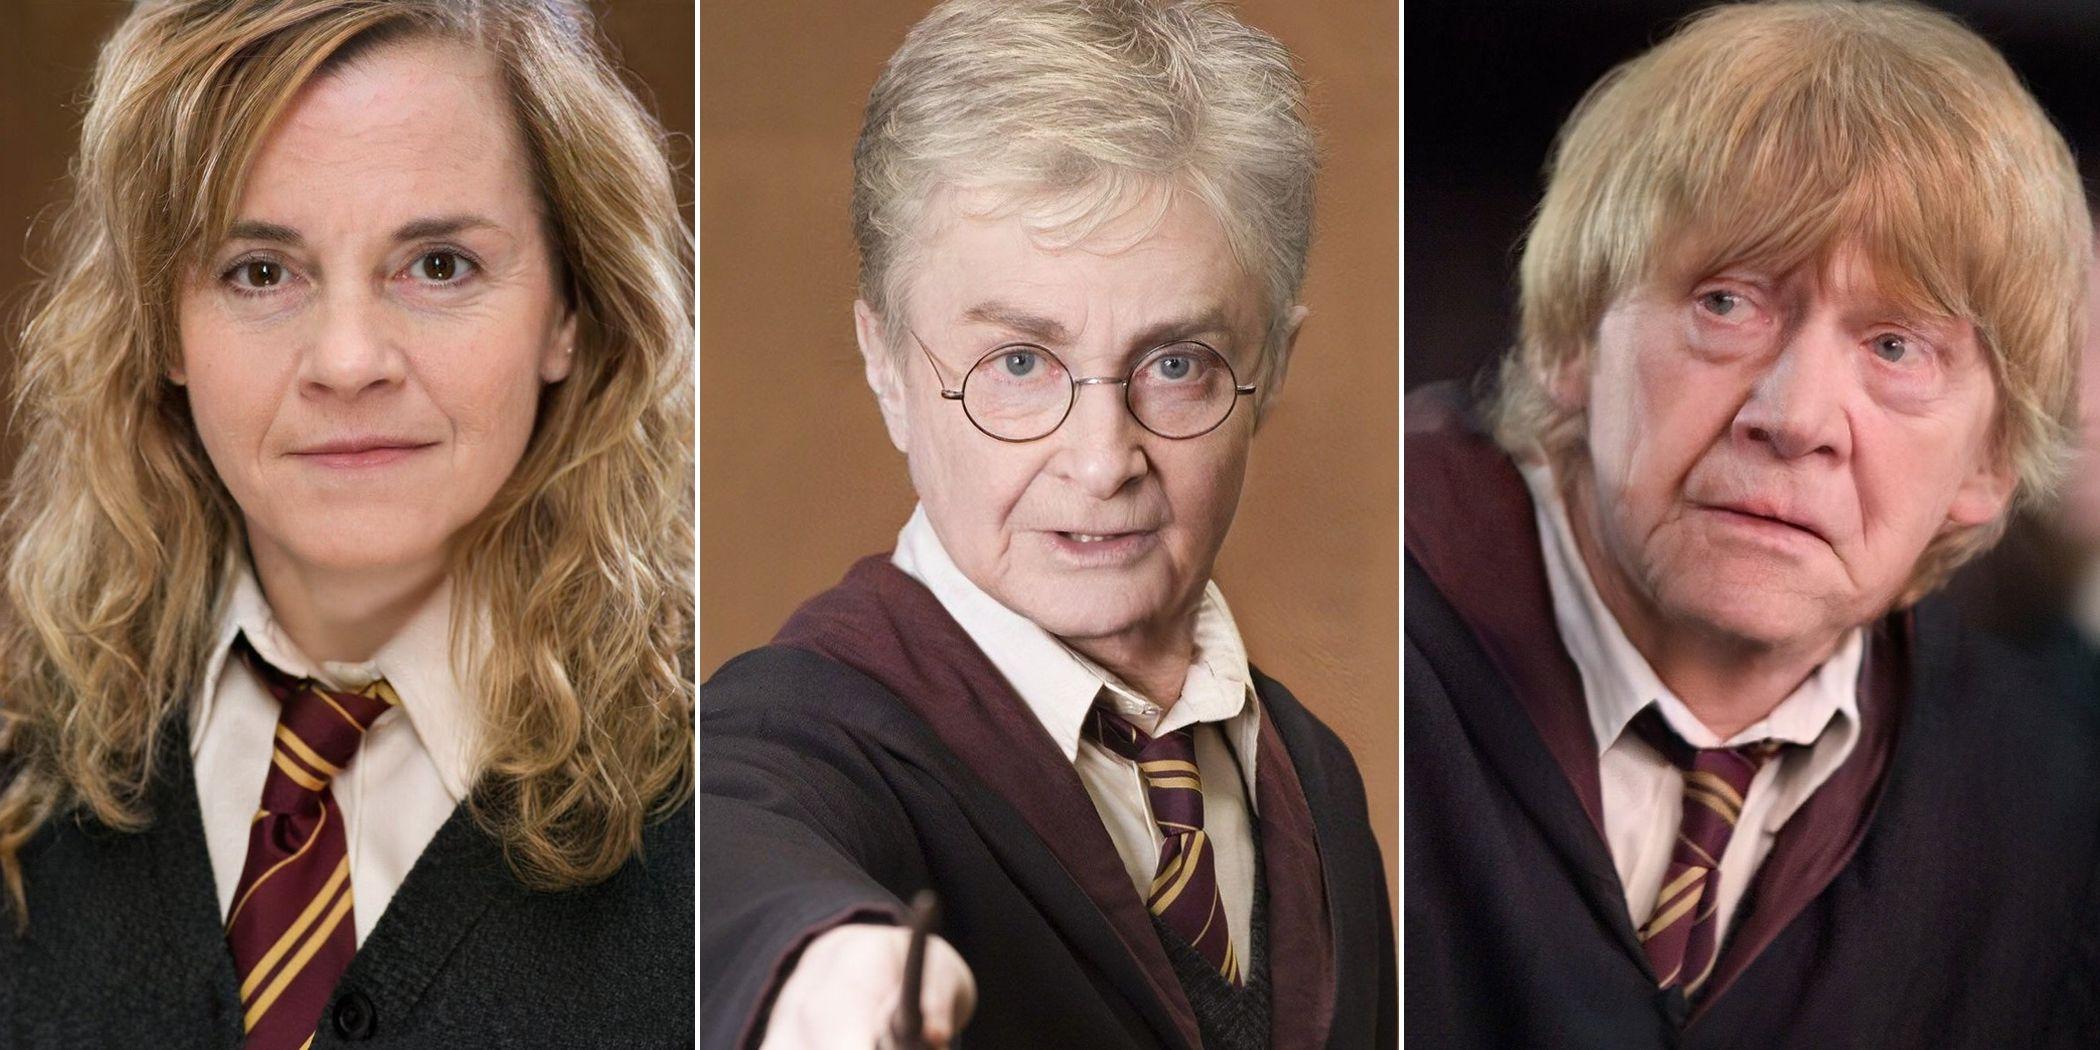 Harry Potter: FaceApp envejece a los personajes de la saga